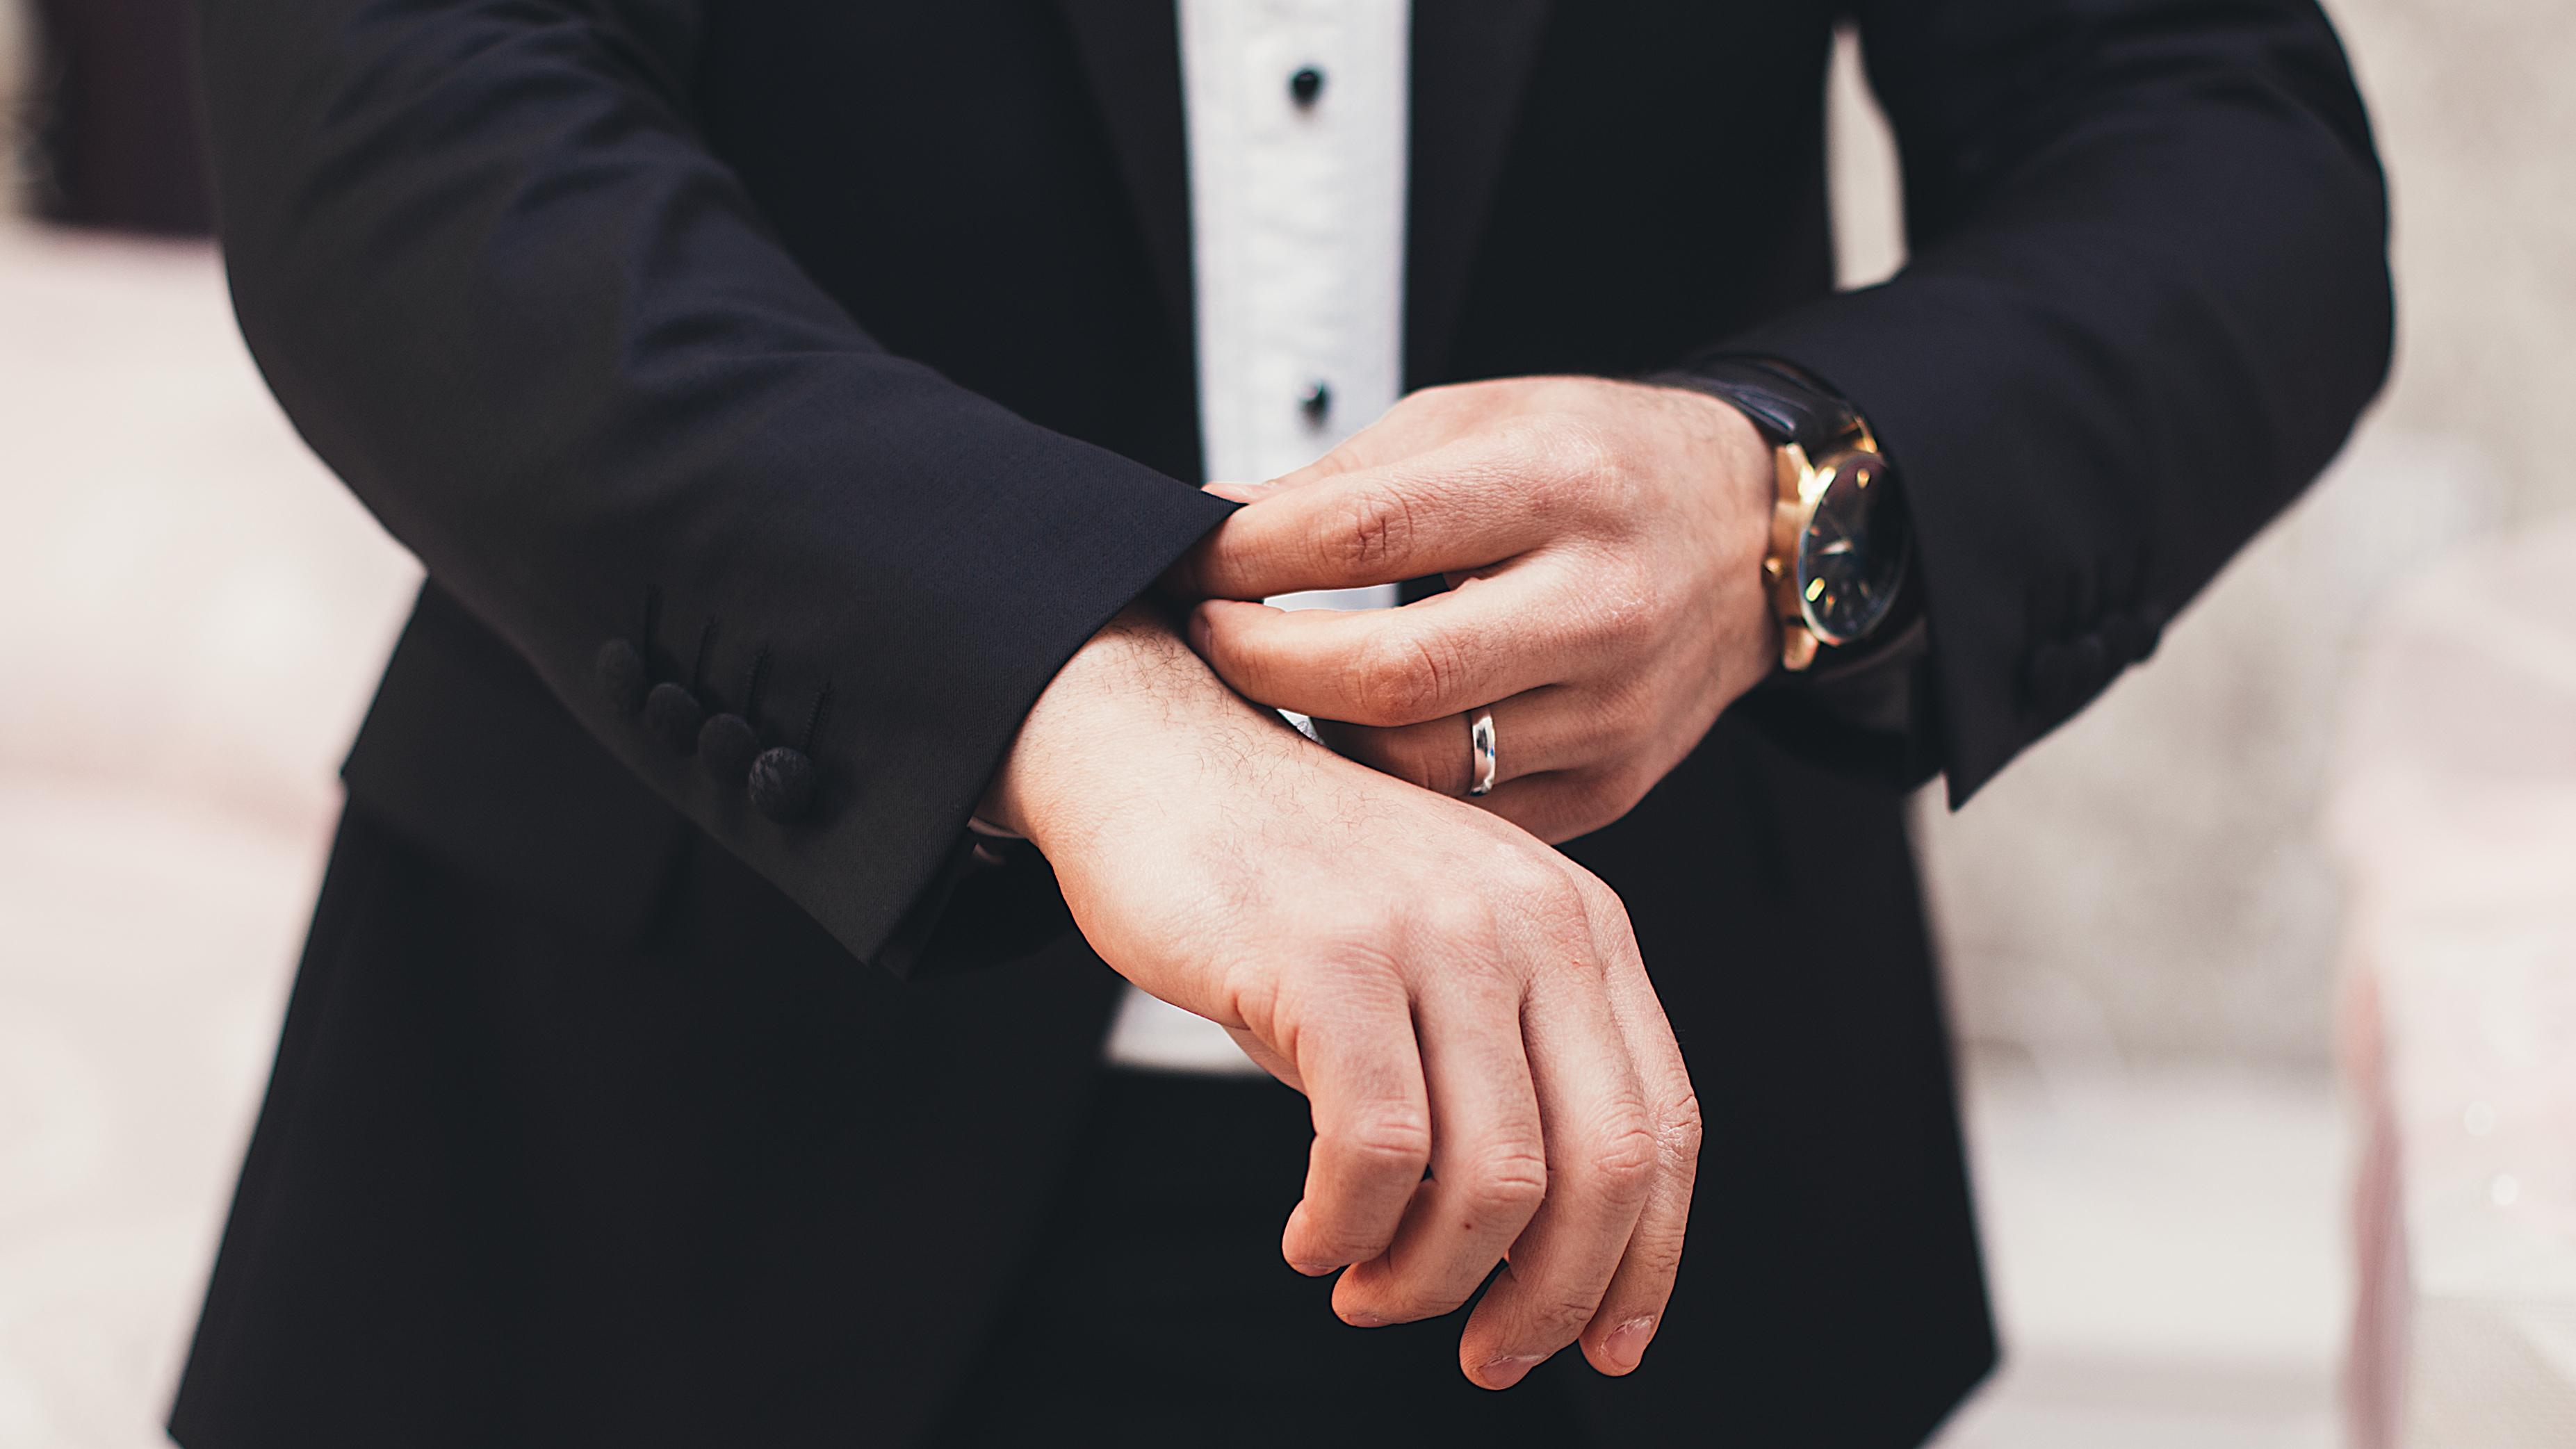 איך מוצאים עסקים למכירה?